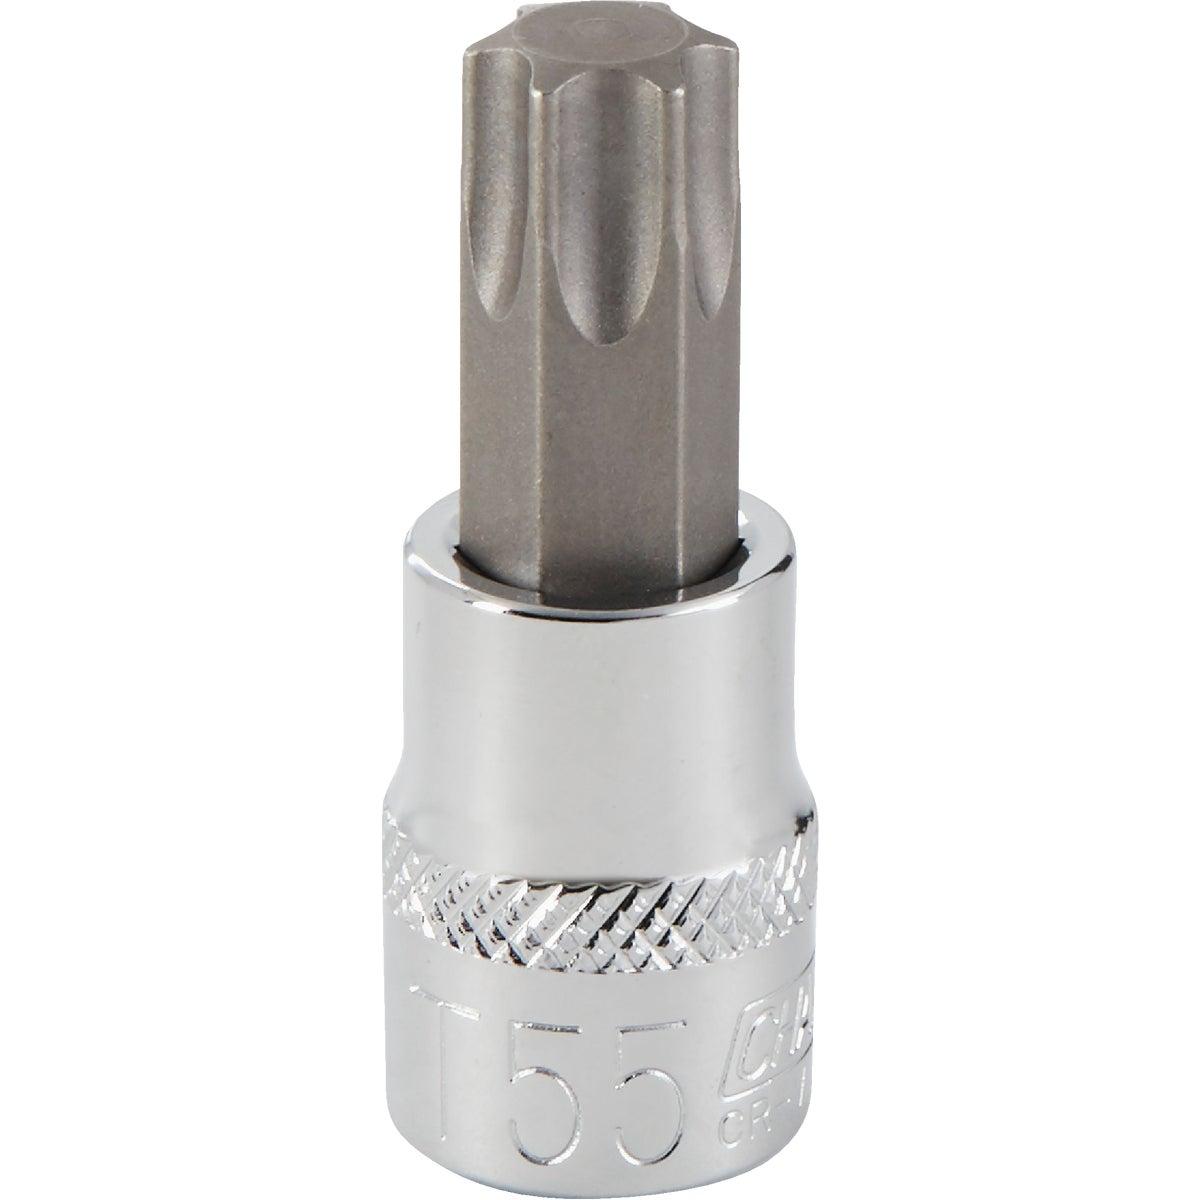 Best Way Tools T55 TORX BIT SOCKET 370908